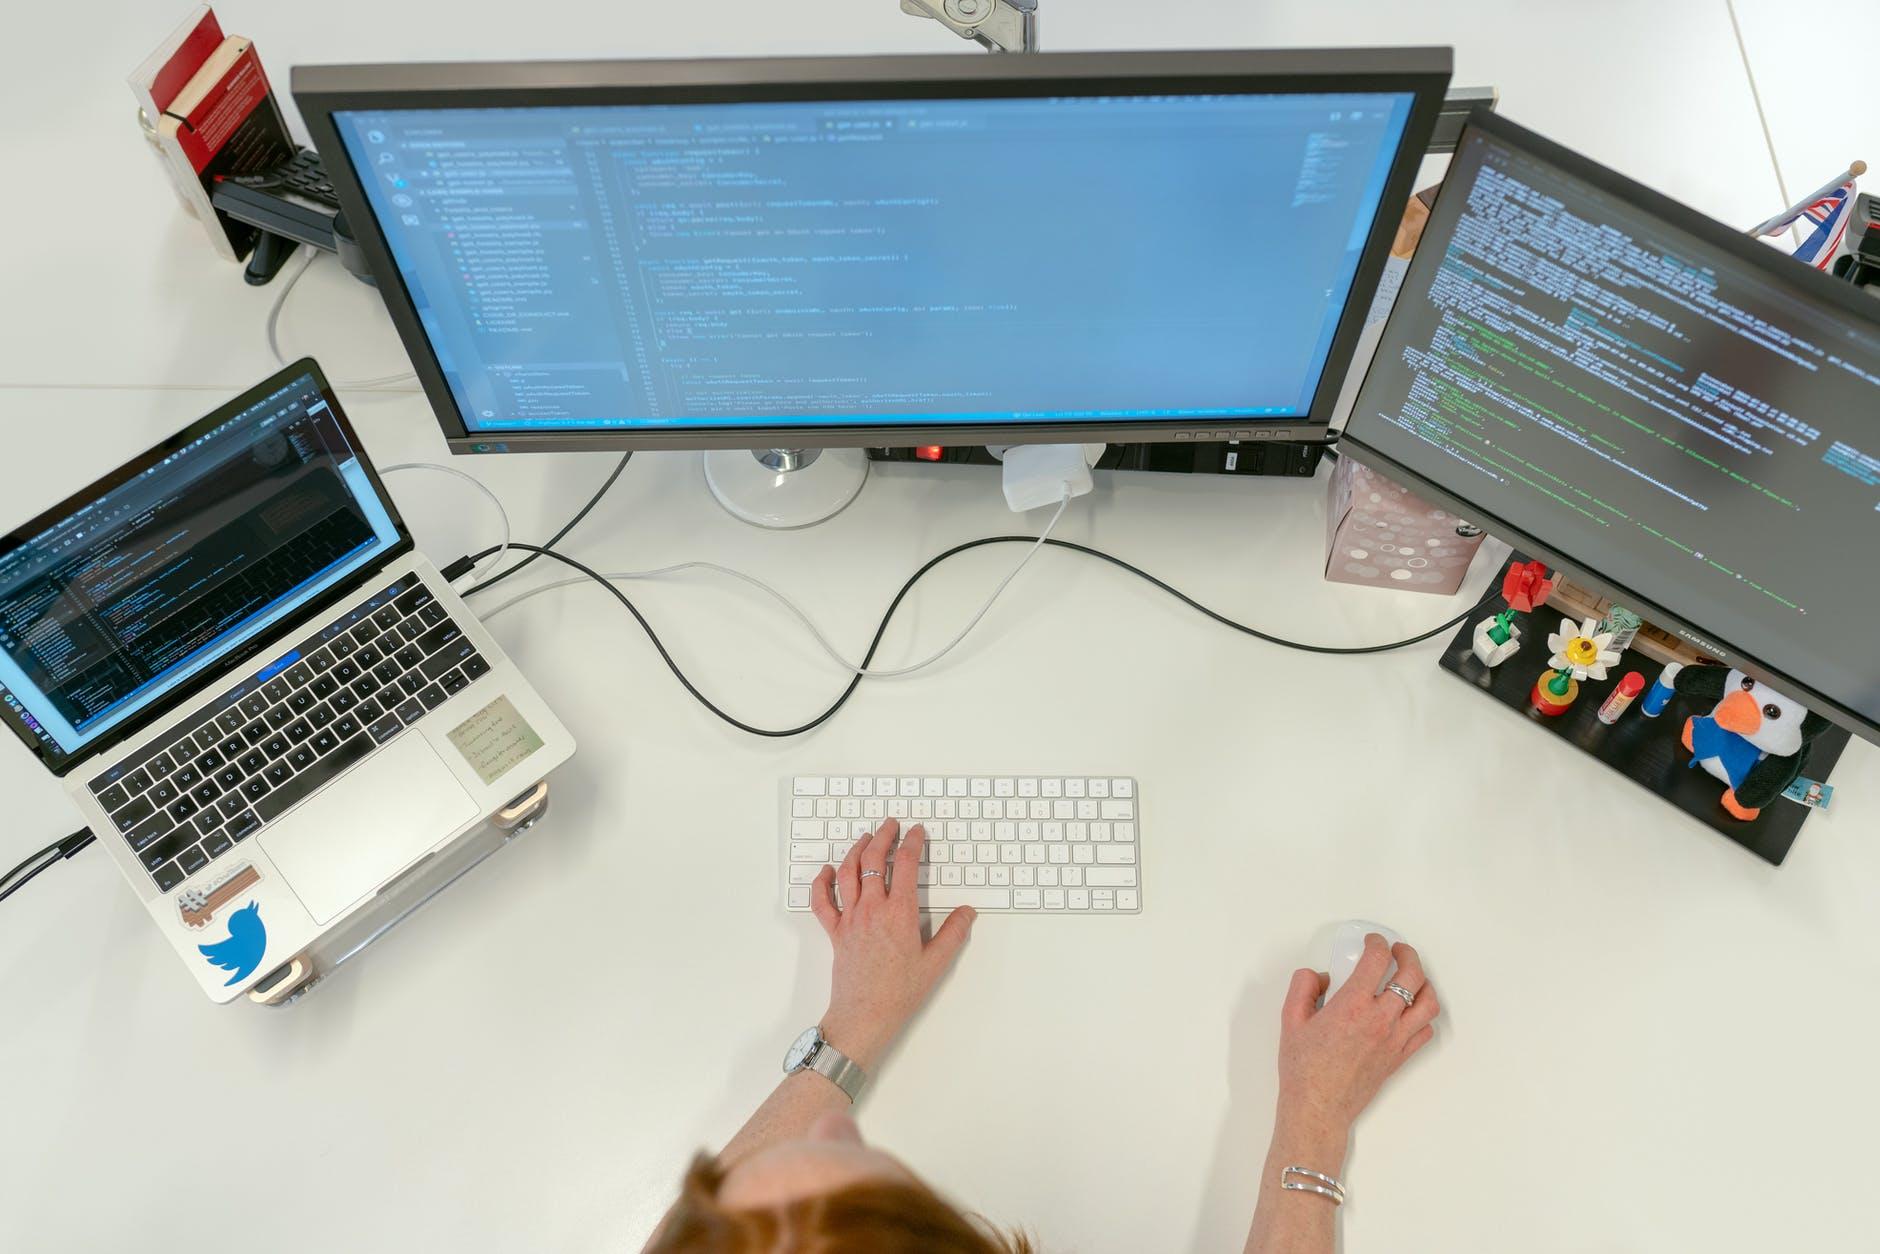 اصول کد نویسی که هر برنامه نویس باید بداند